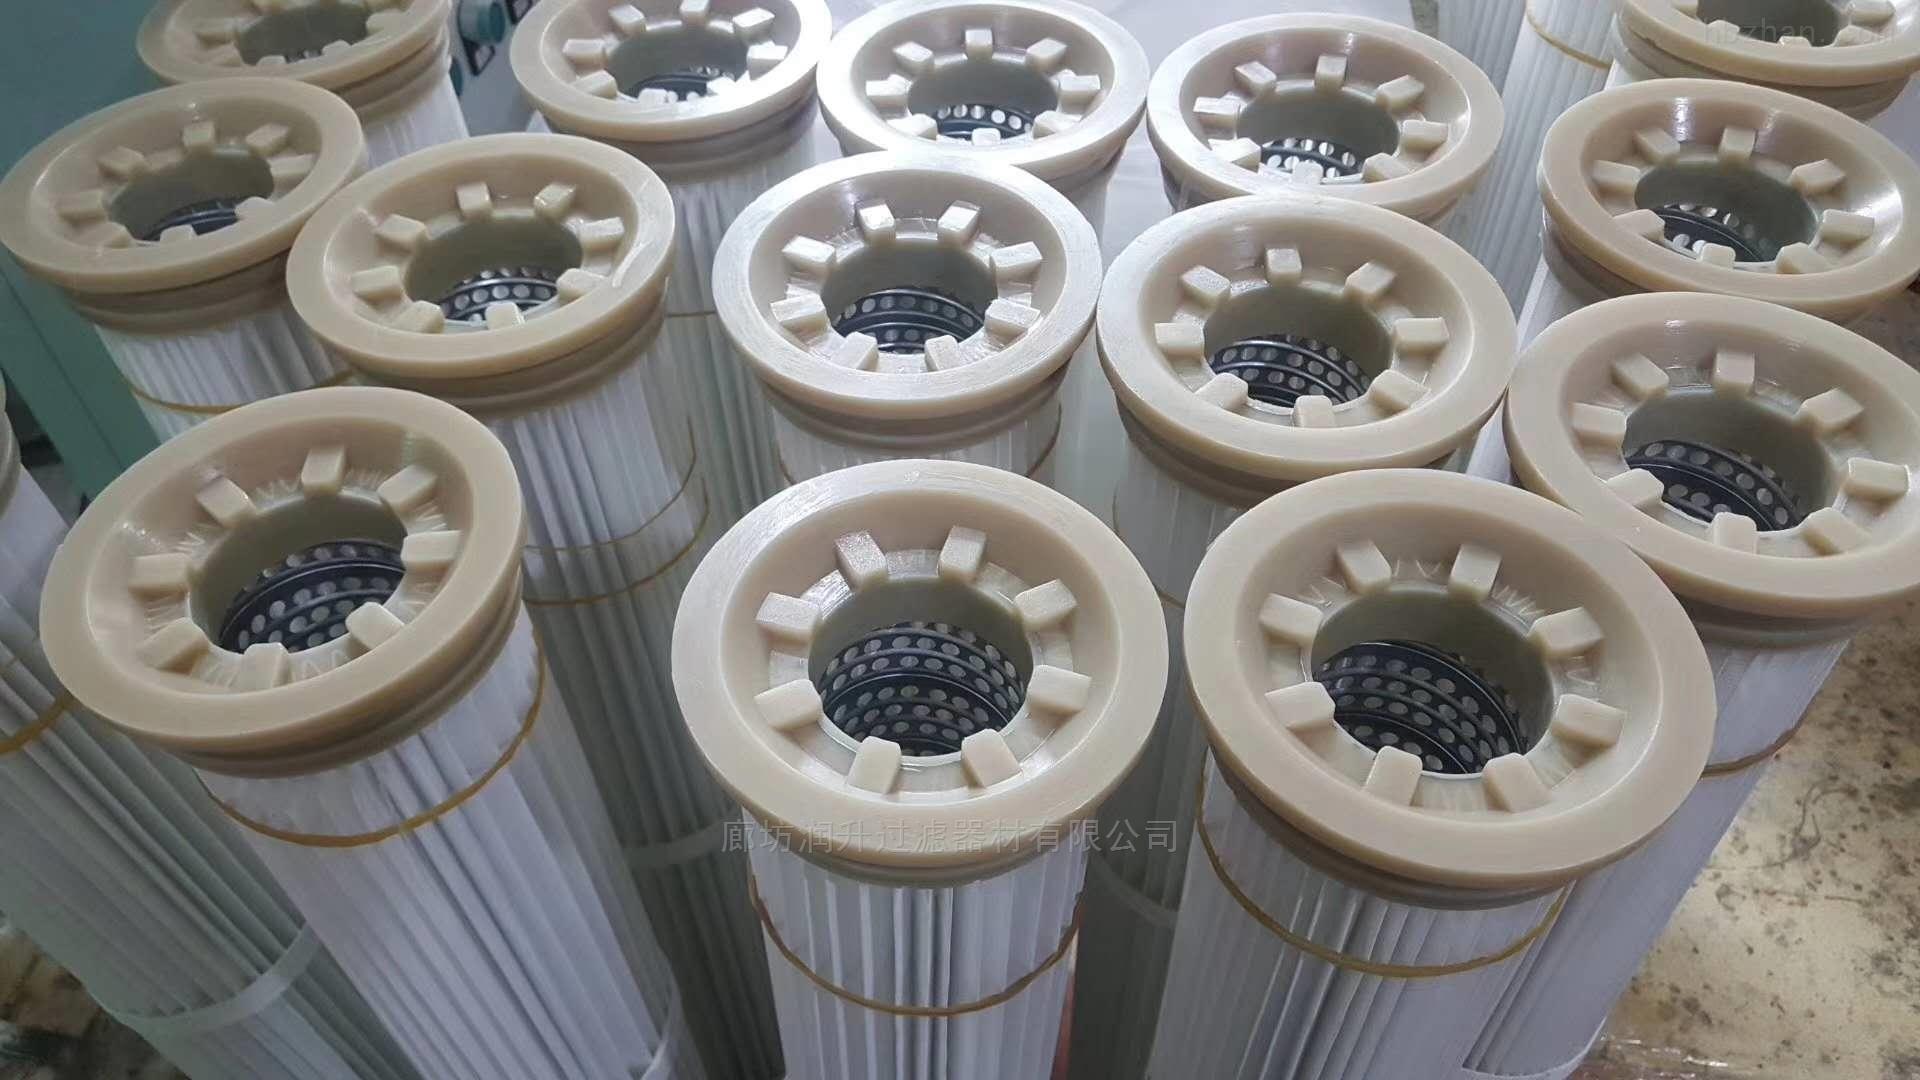 濮阳化工厂污水处理滤芯厂家报价